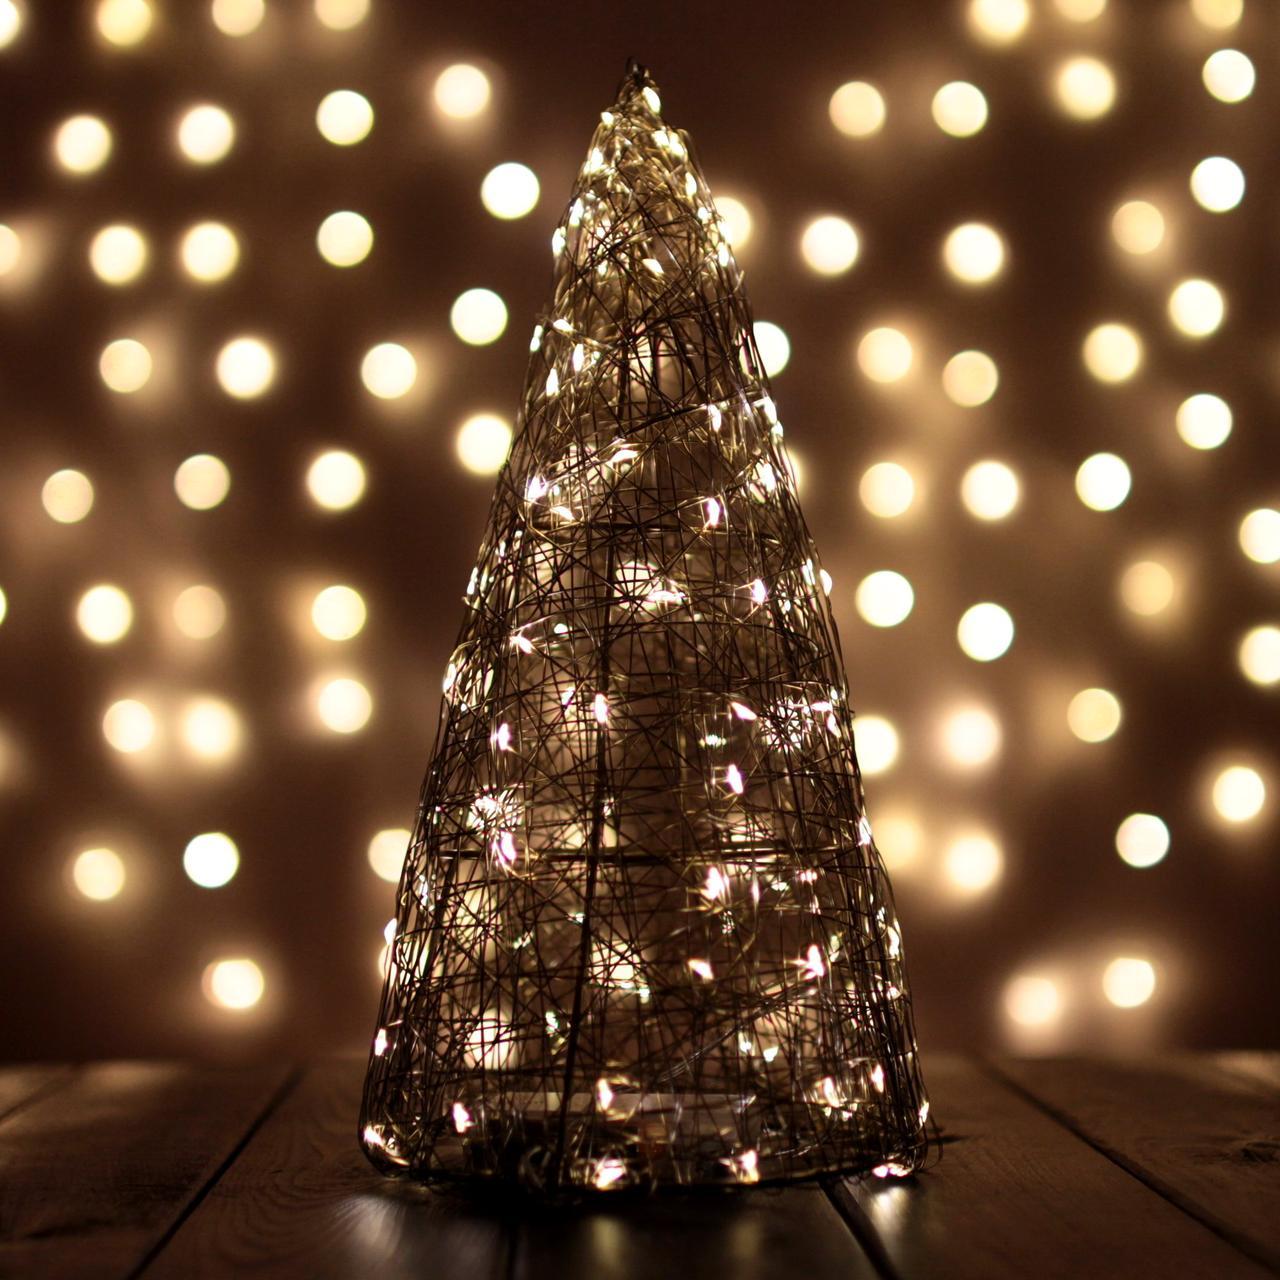 Декор Елка ЛОФТ Новогодняя Рождественская Ель с LED Гирляндой На Батарейках Или От USB 32х16см GoldWarmLOFT